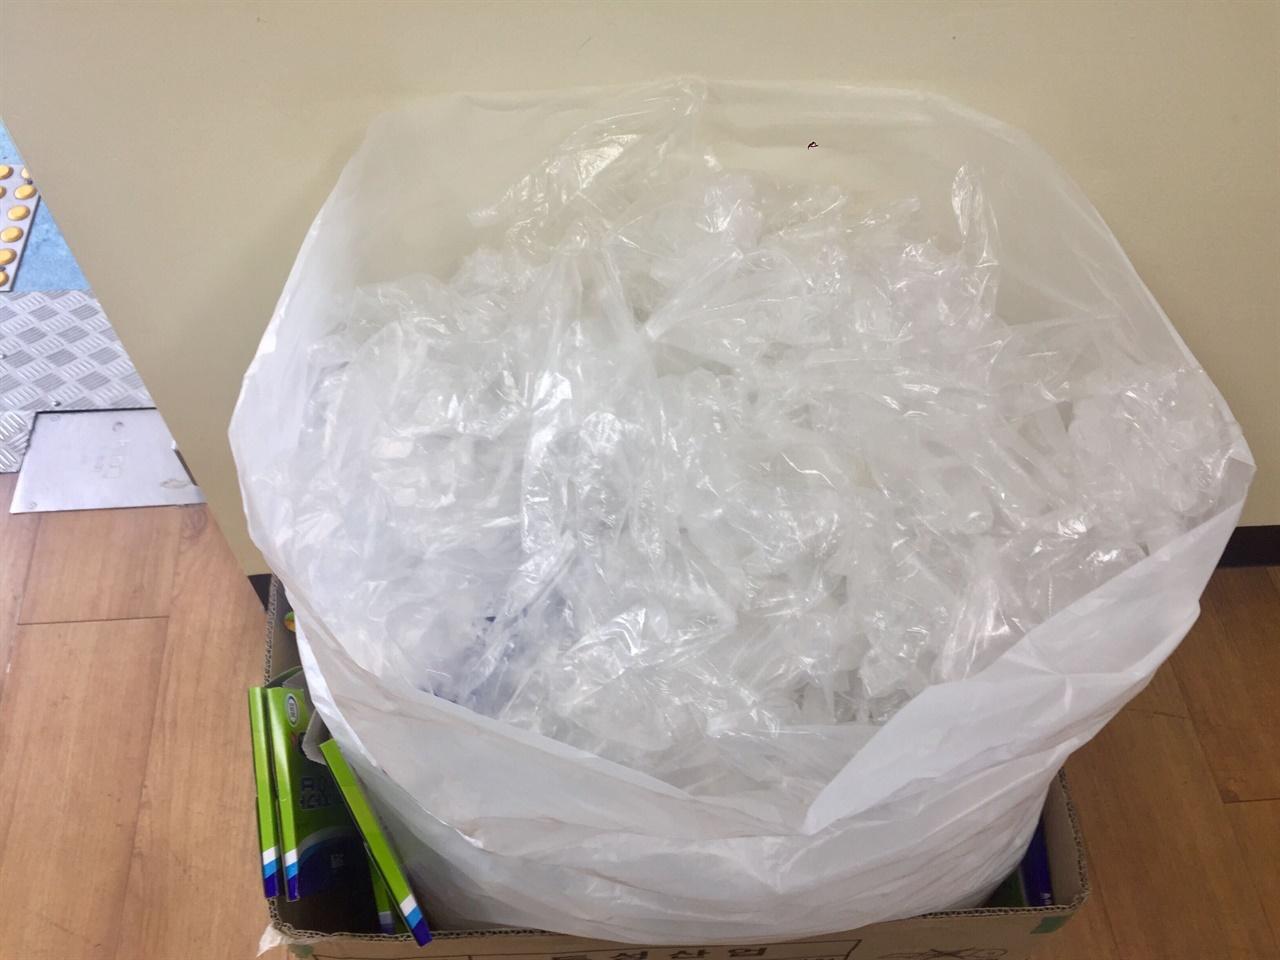 21대 국회의원선거에서 사용한 일회용 비닐장갑  코로나19 감염 우려로 유권자들은 투표소에서 일회용장갑을 사용해 투표를 했야했다.